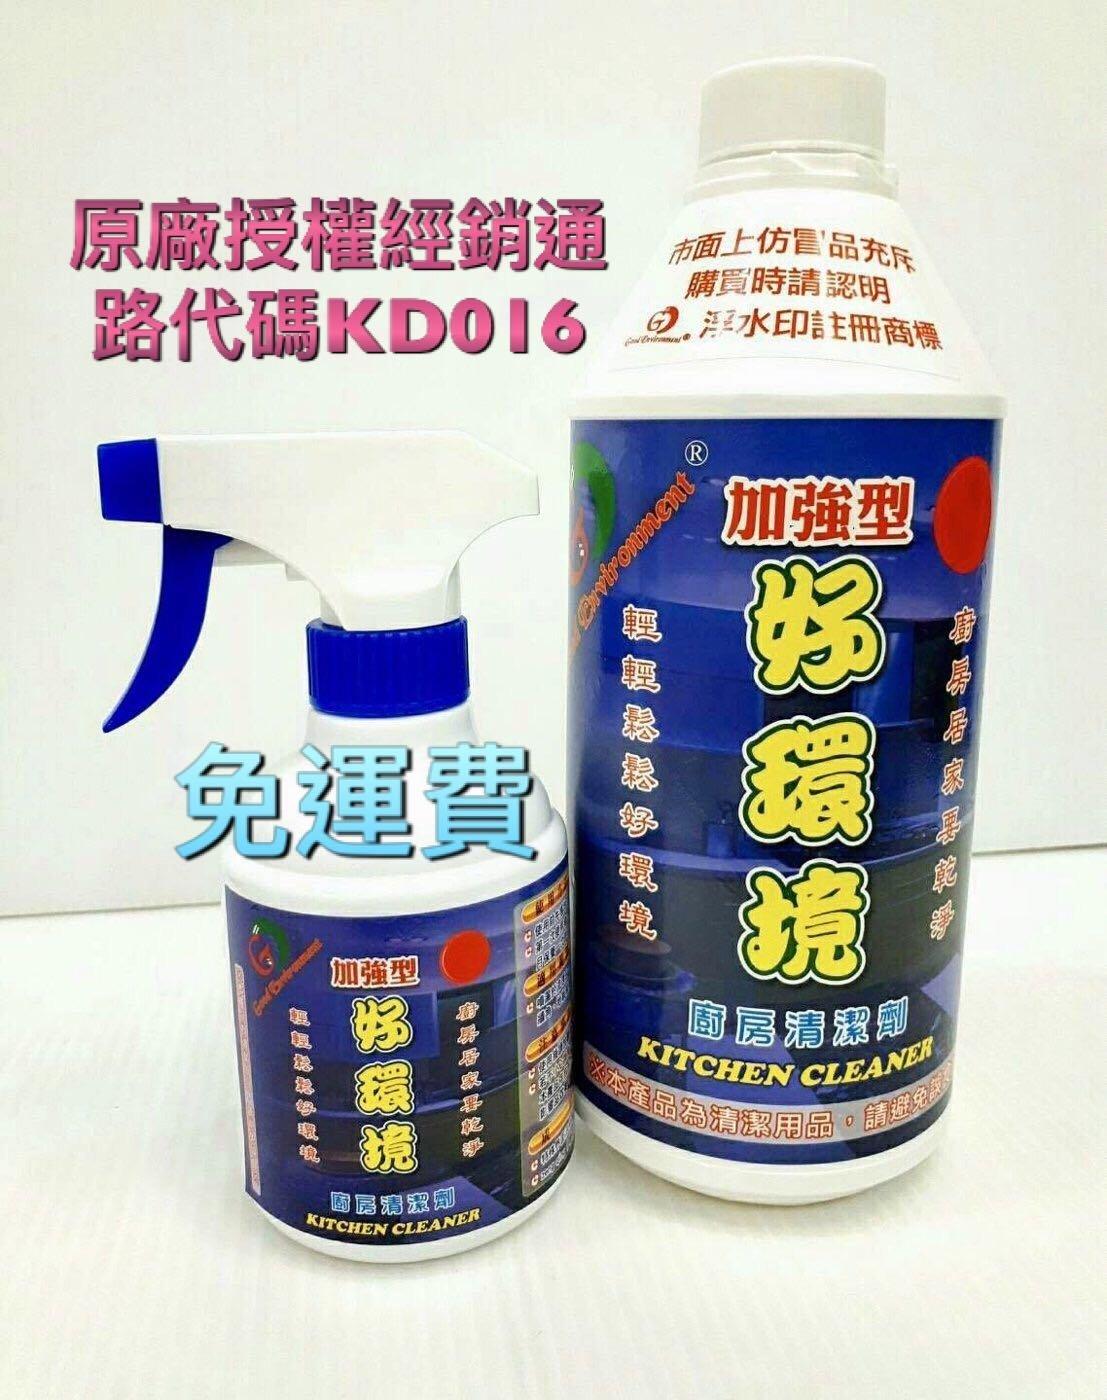 免 !好環境廚房清潔劑。本產品通過SGS測試合格。1000ml*1罐(噴灑空罐*2)